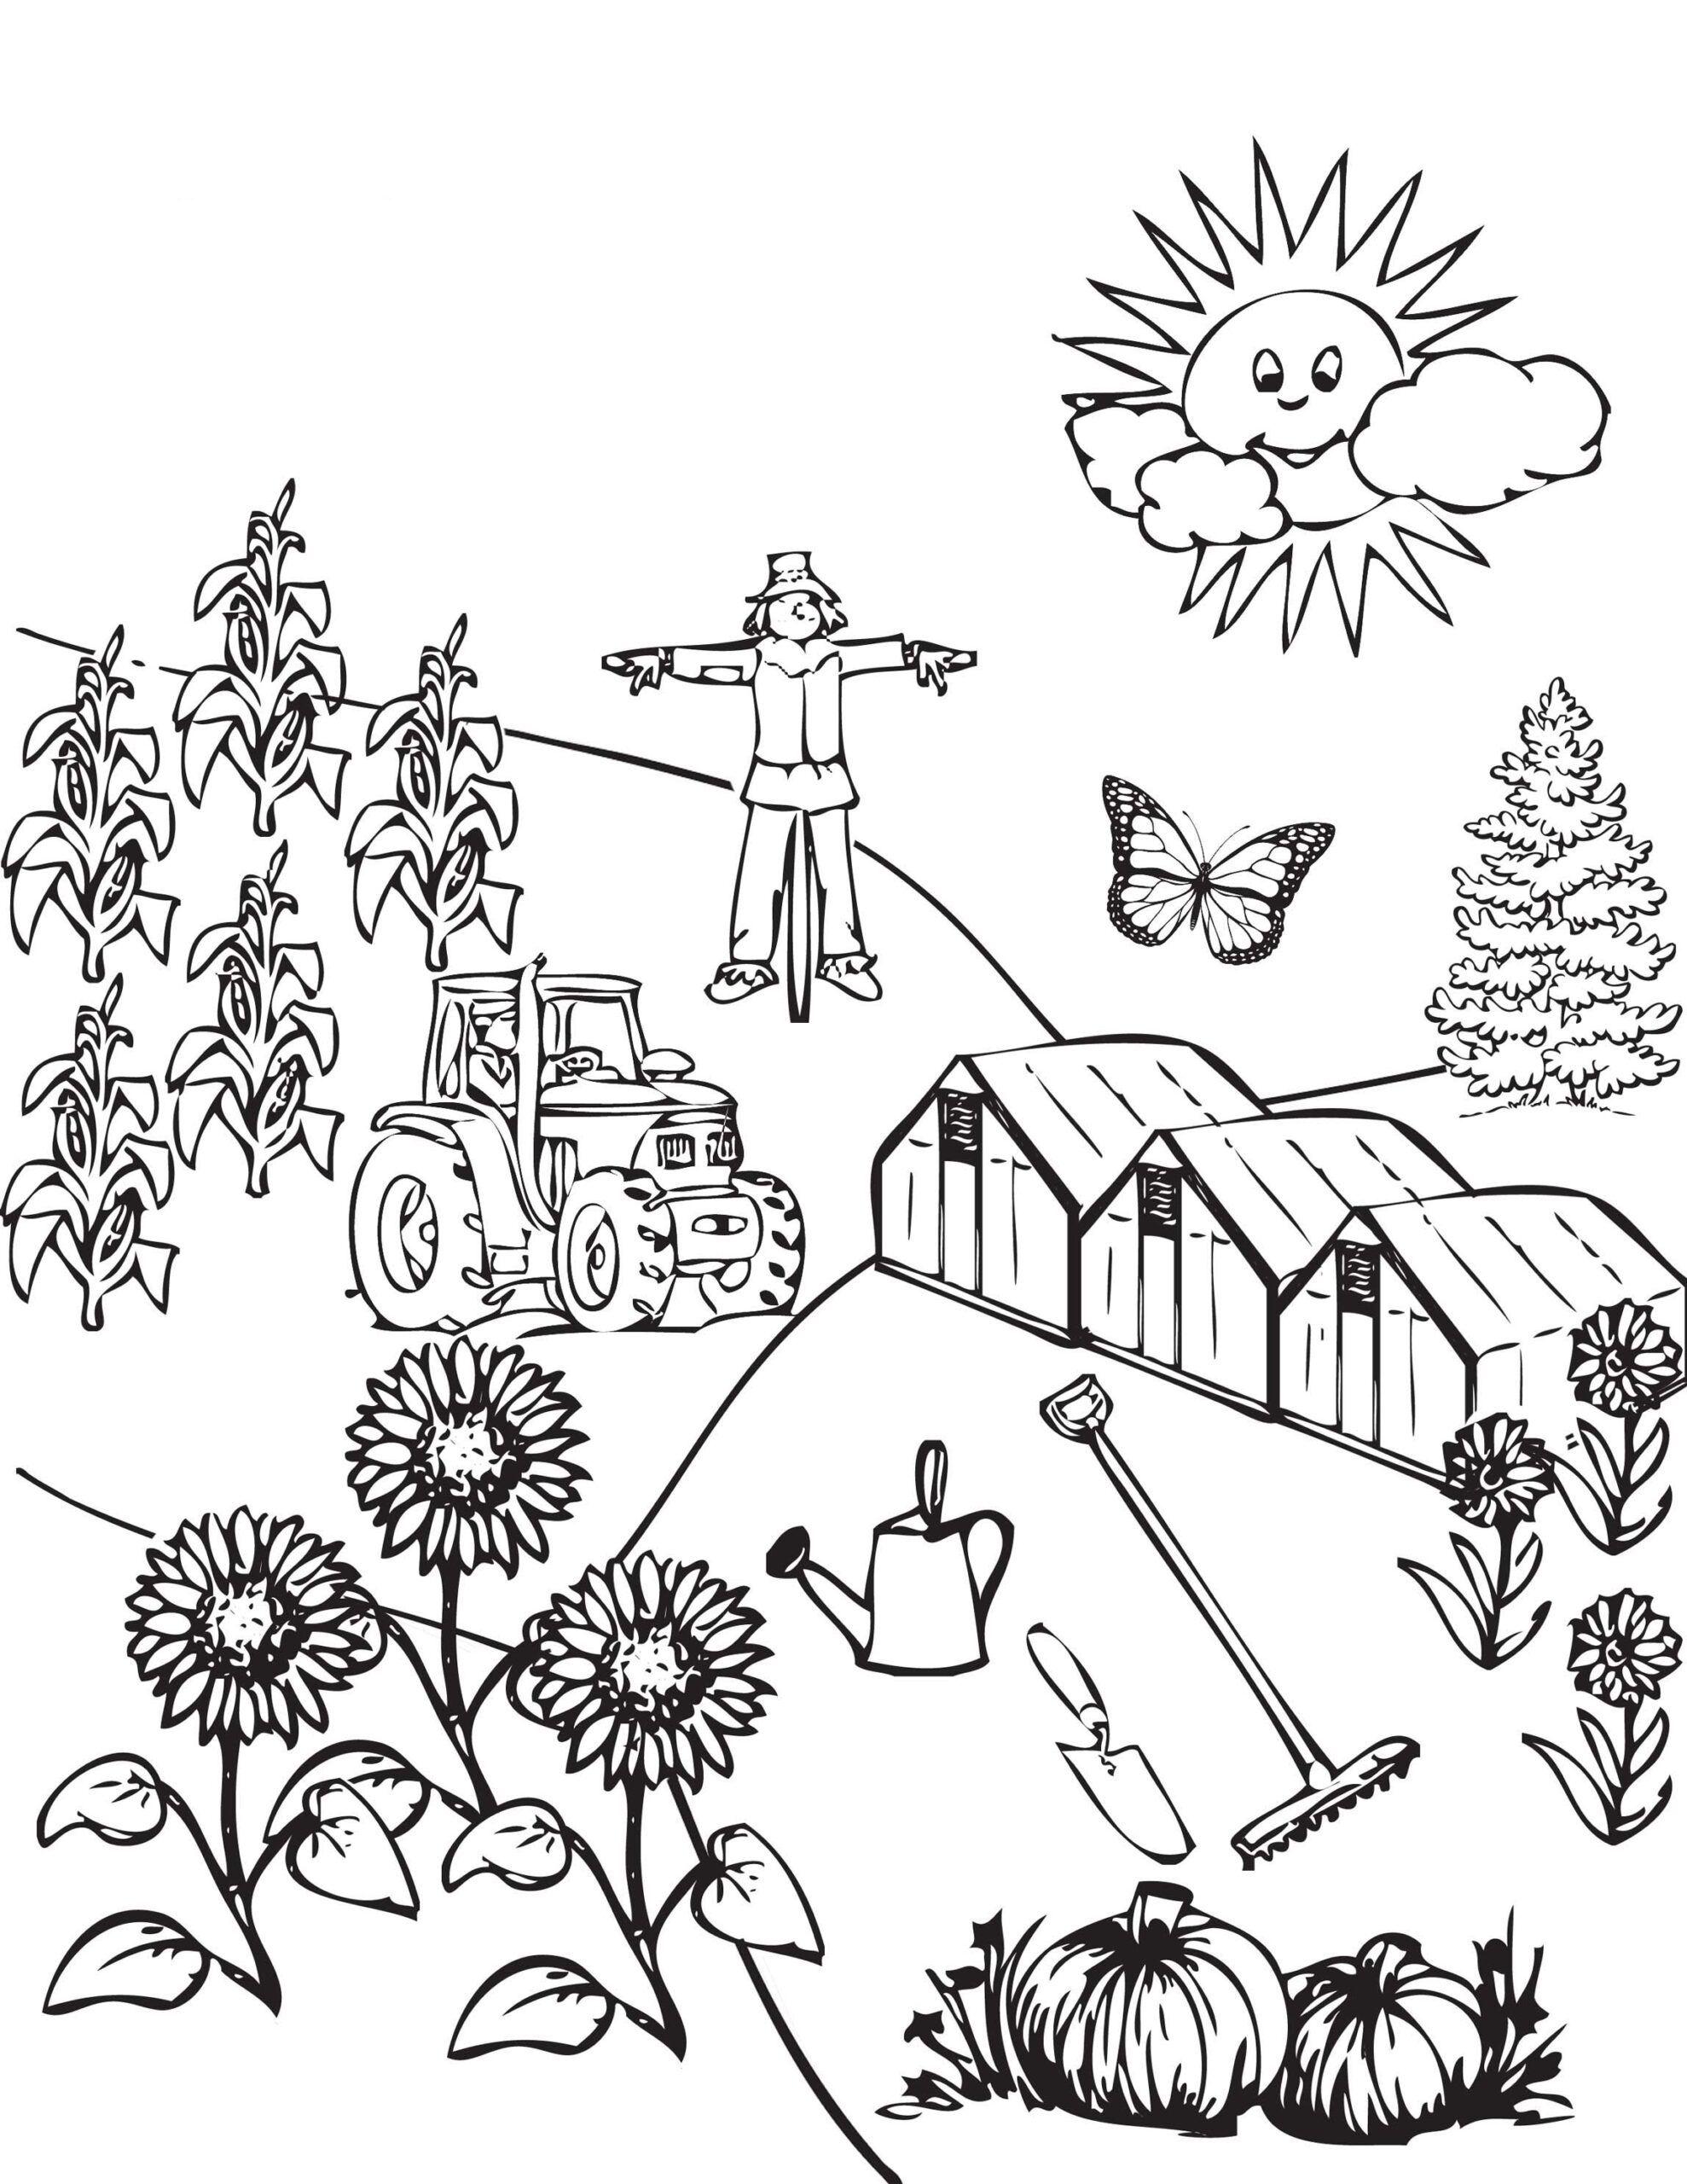 Tranh tô màu phong cảnh nông thôn